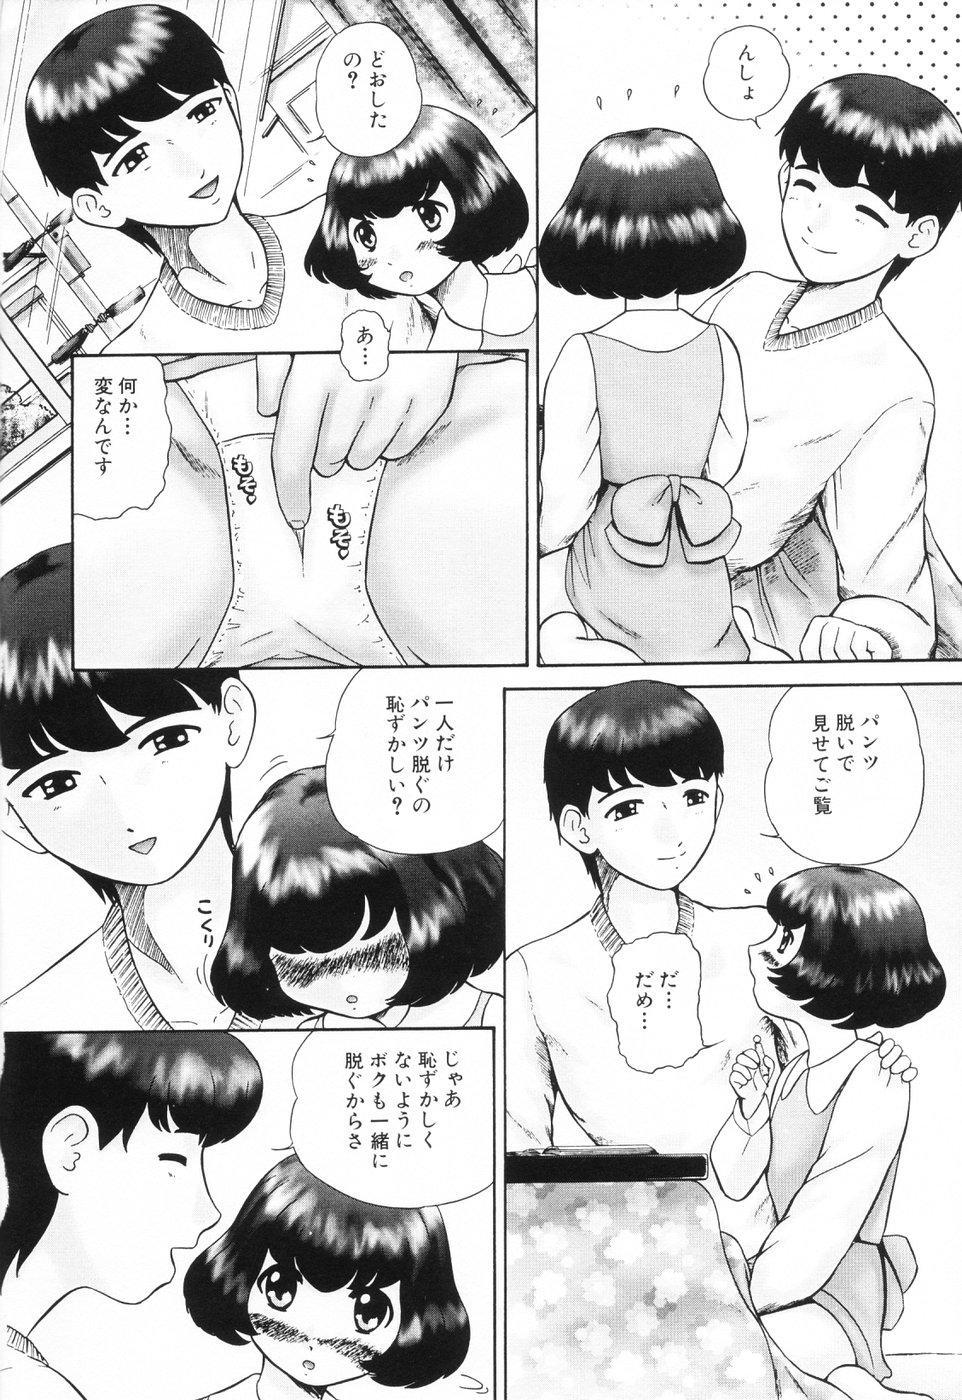 Koneko Genki!! - Powerful Pussycat!! 61